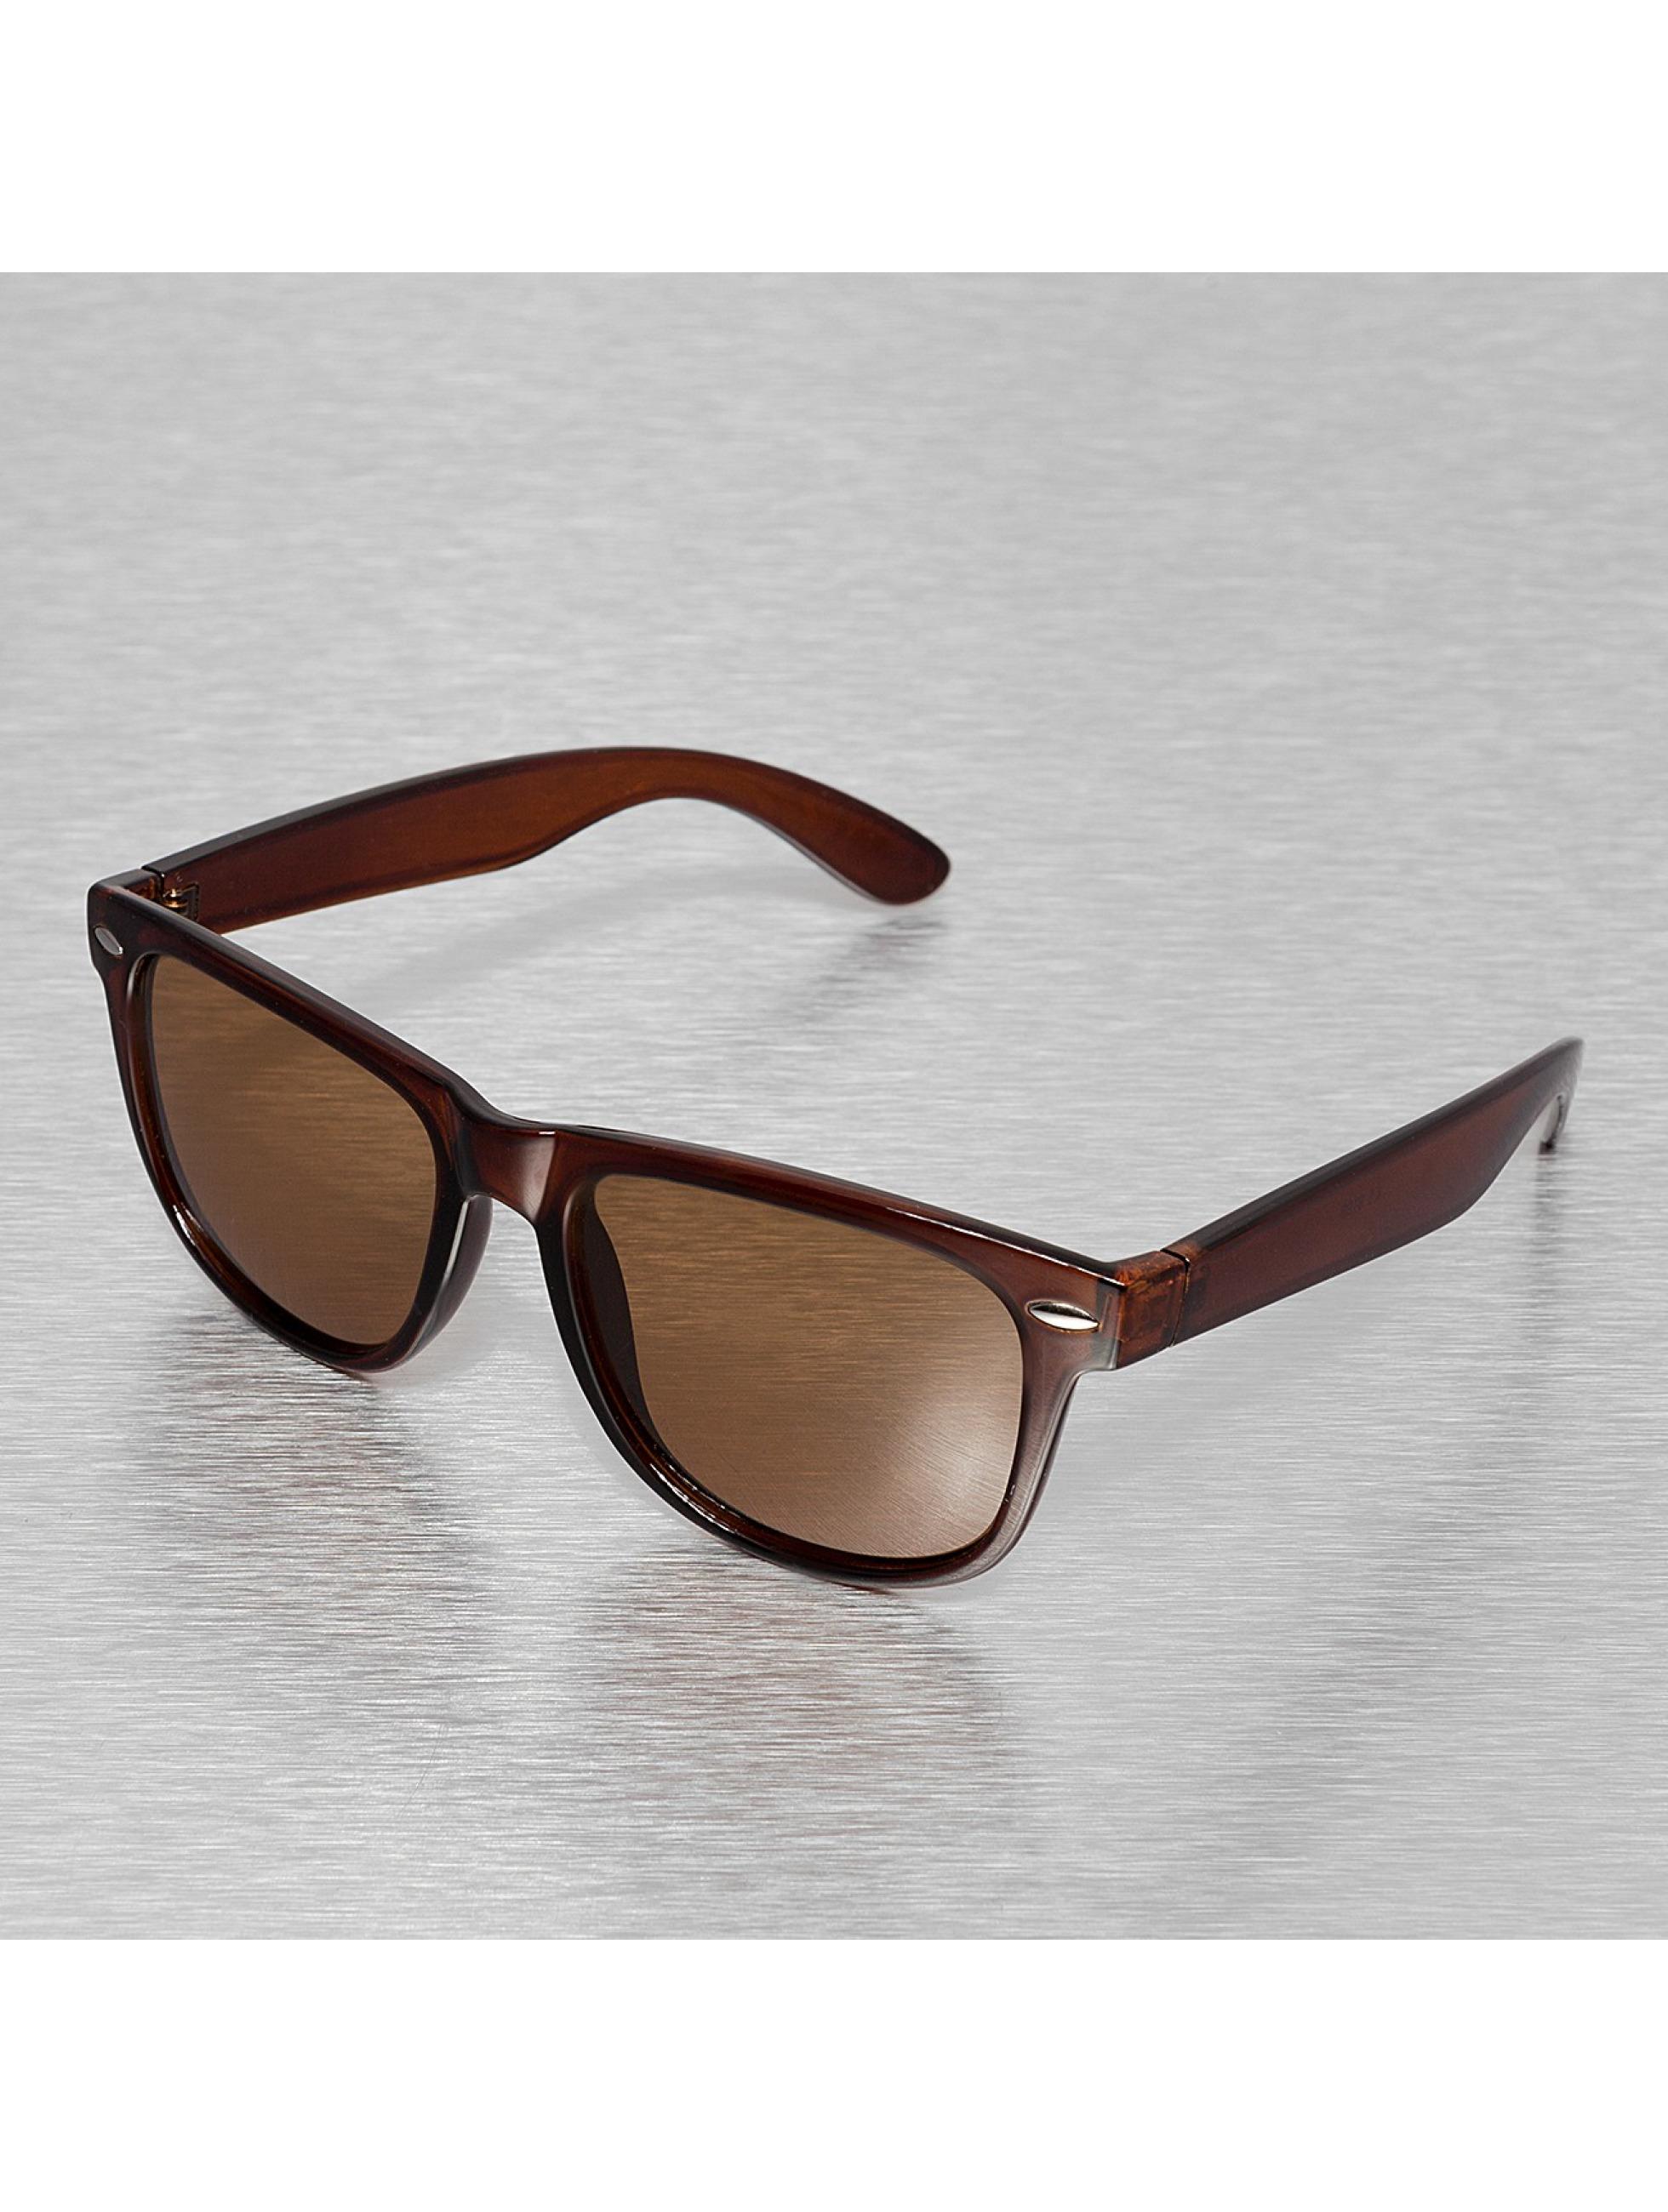 Miami Vision Männer,Frauen Sonnenbrille Vision in braun